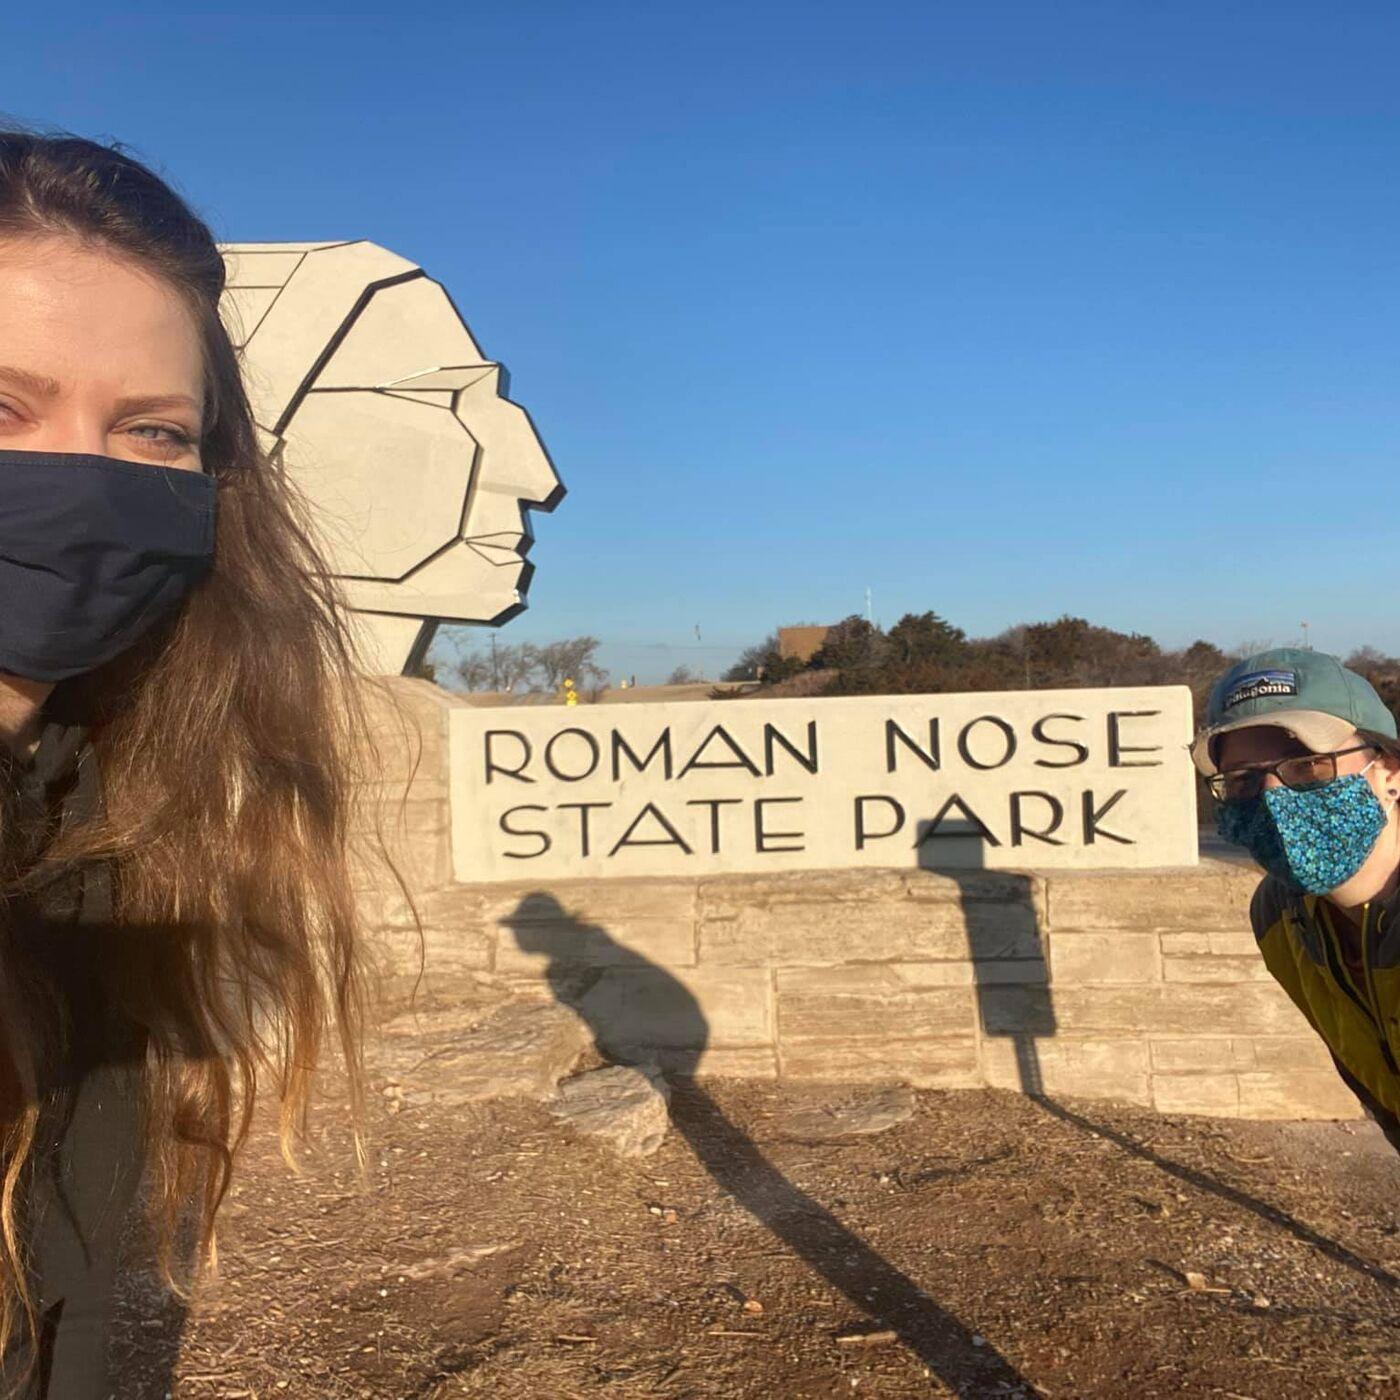 Oklahoma State Park Spotlight - Roman Nose